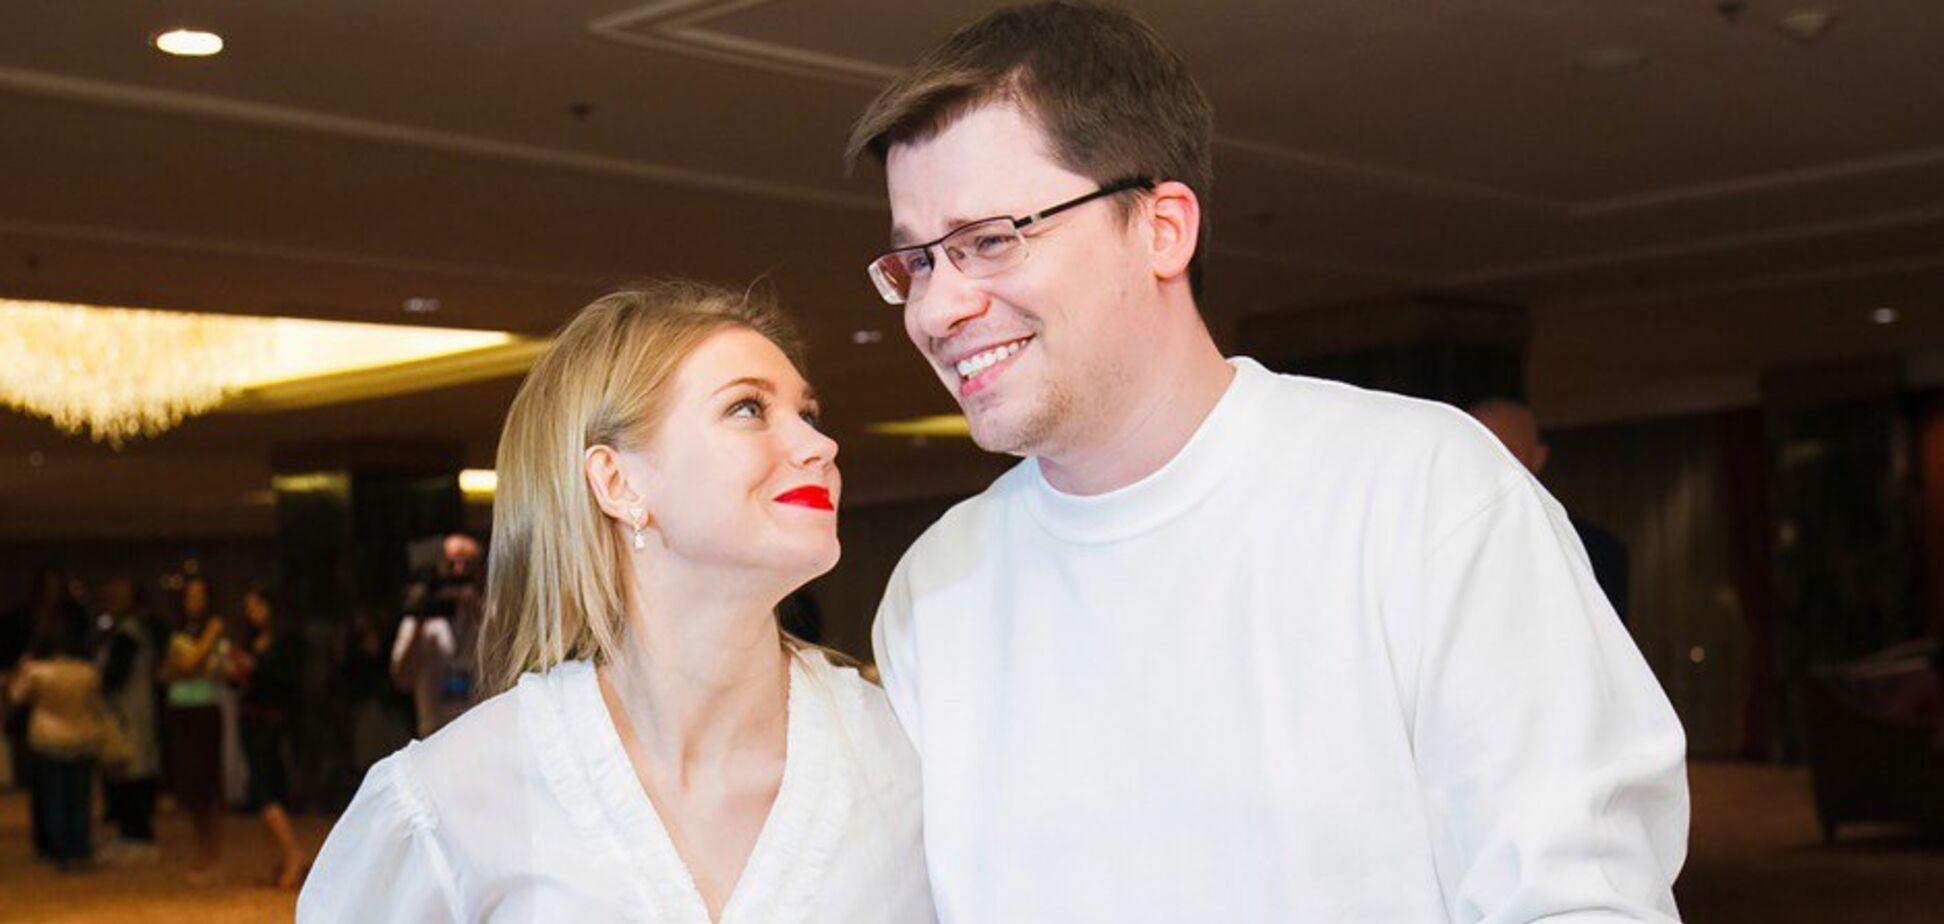 Харламов висміяв чутки про розлучення з Асмус: назвав себе тираном і алкоголіком